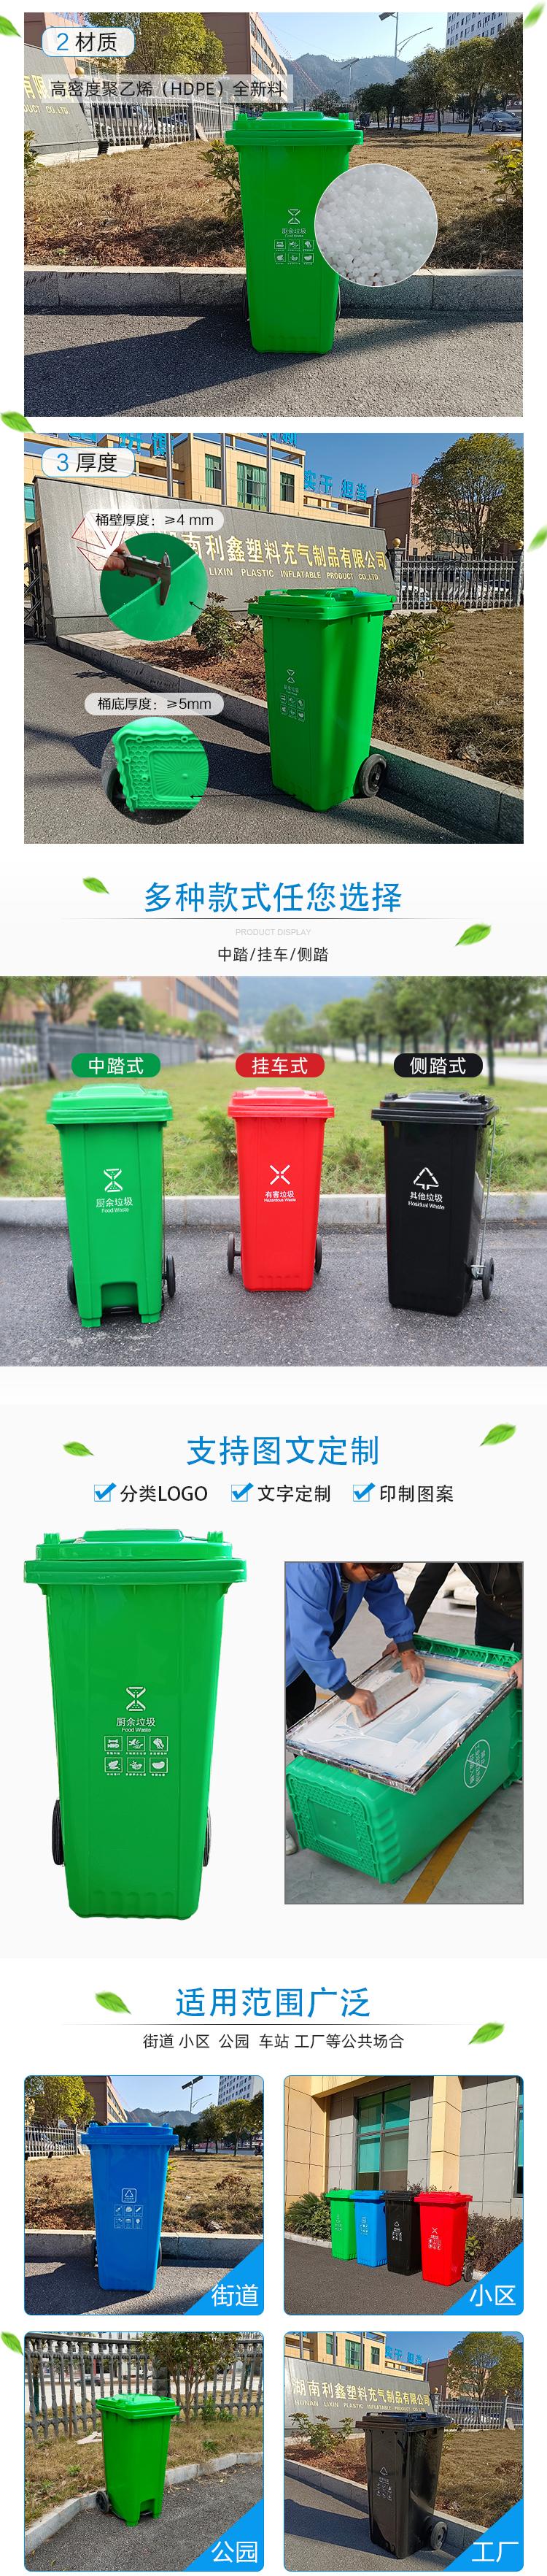 120L户外垃圾桶定制